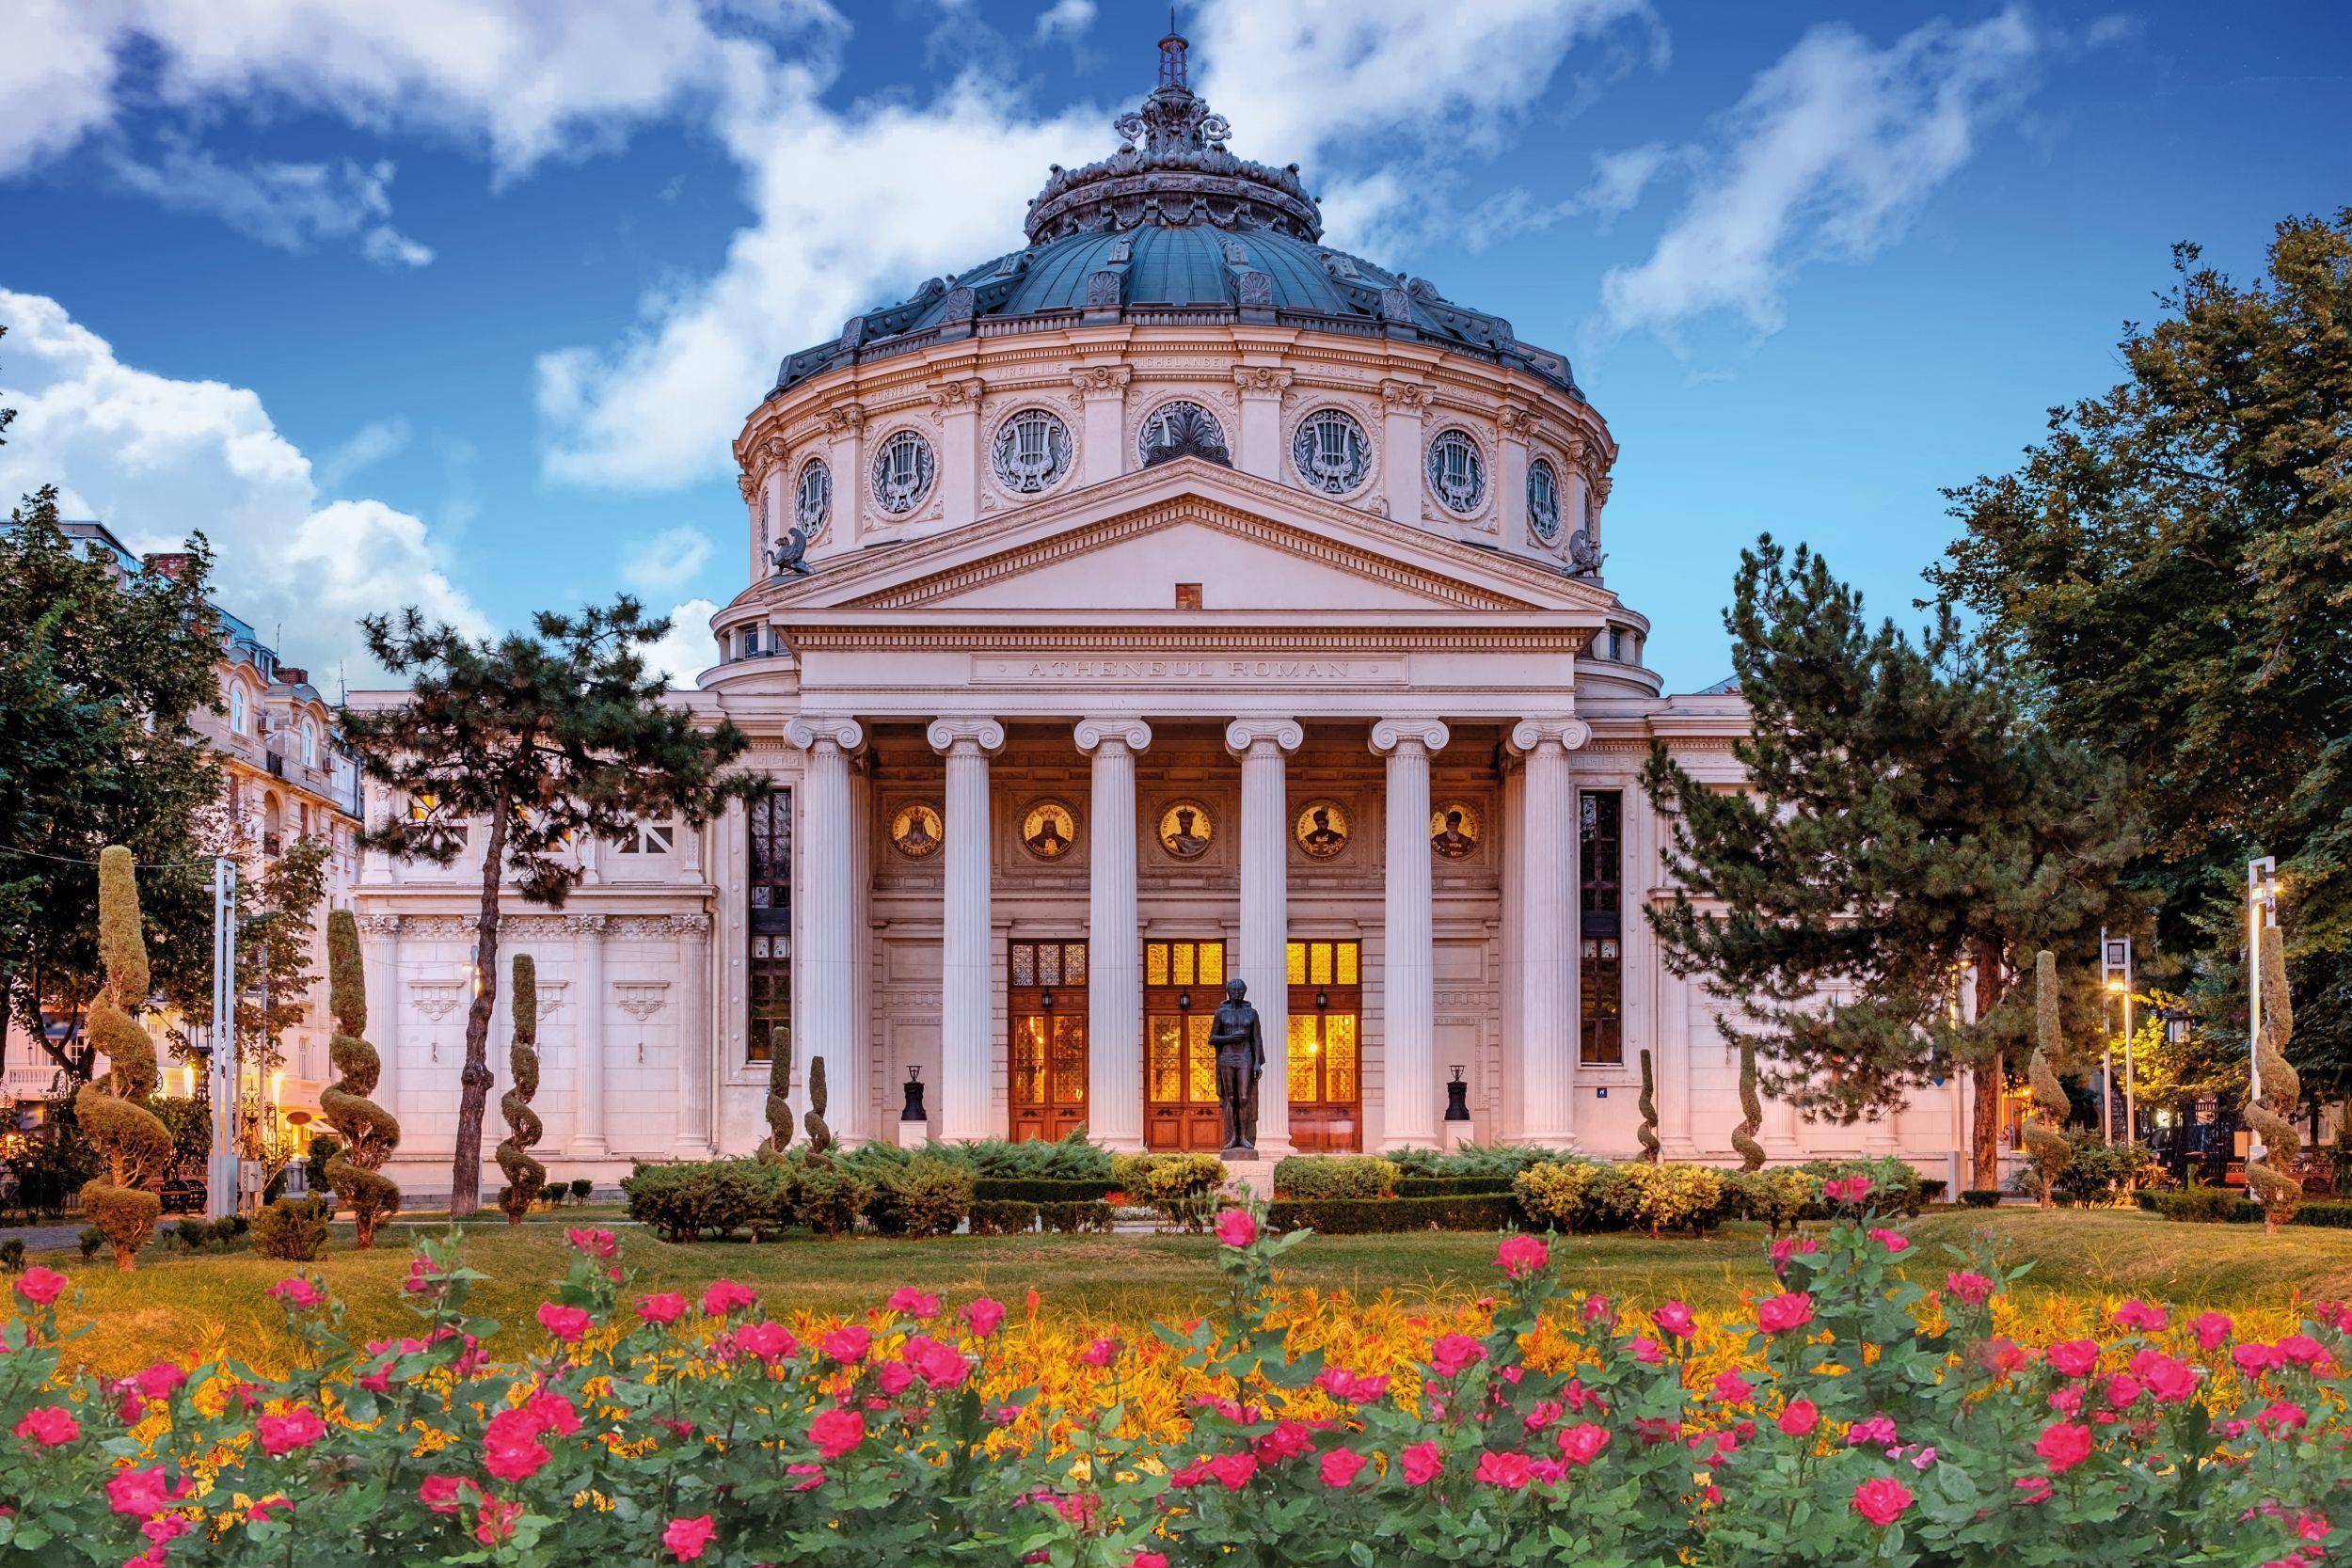 سالن کنسرت آتناوم رومانیایی بخارست